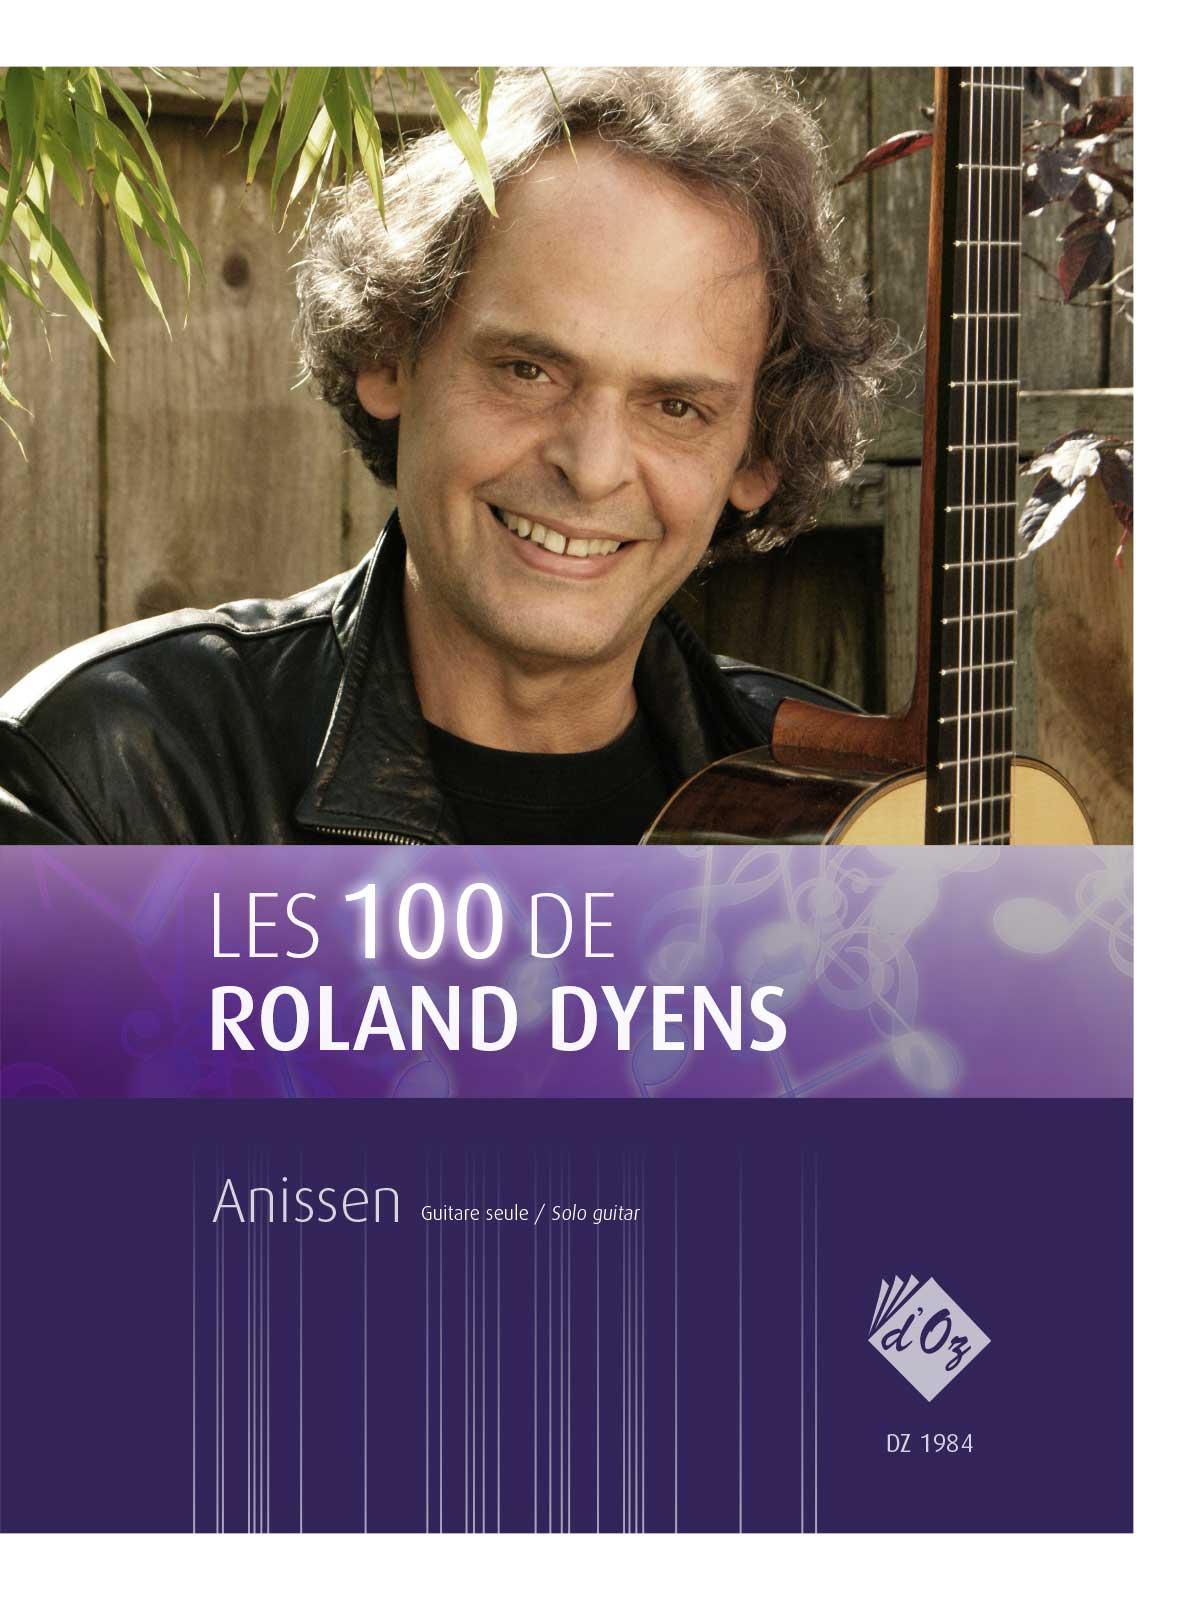 Les 100 de Roland Dyens - Anissen